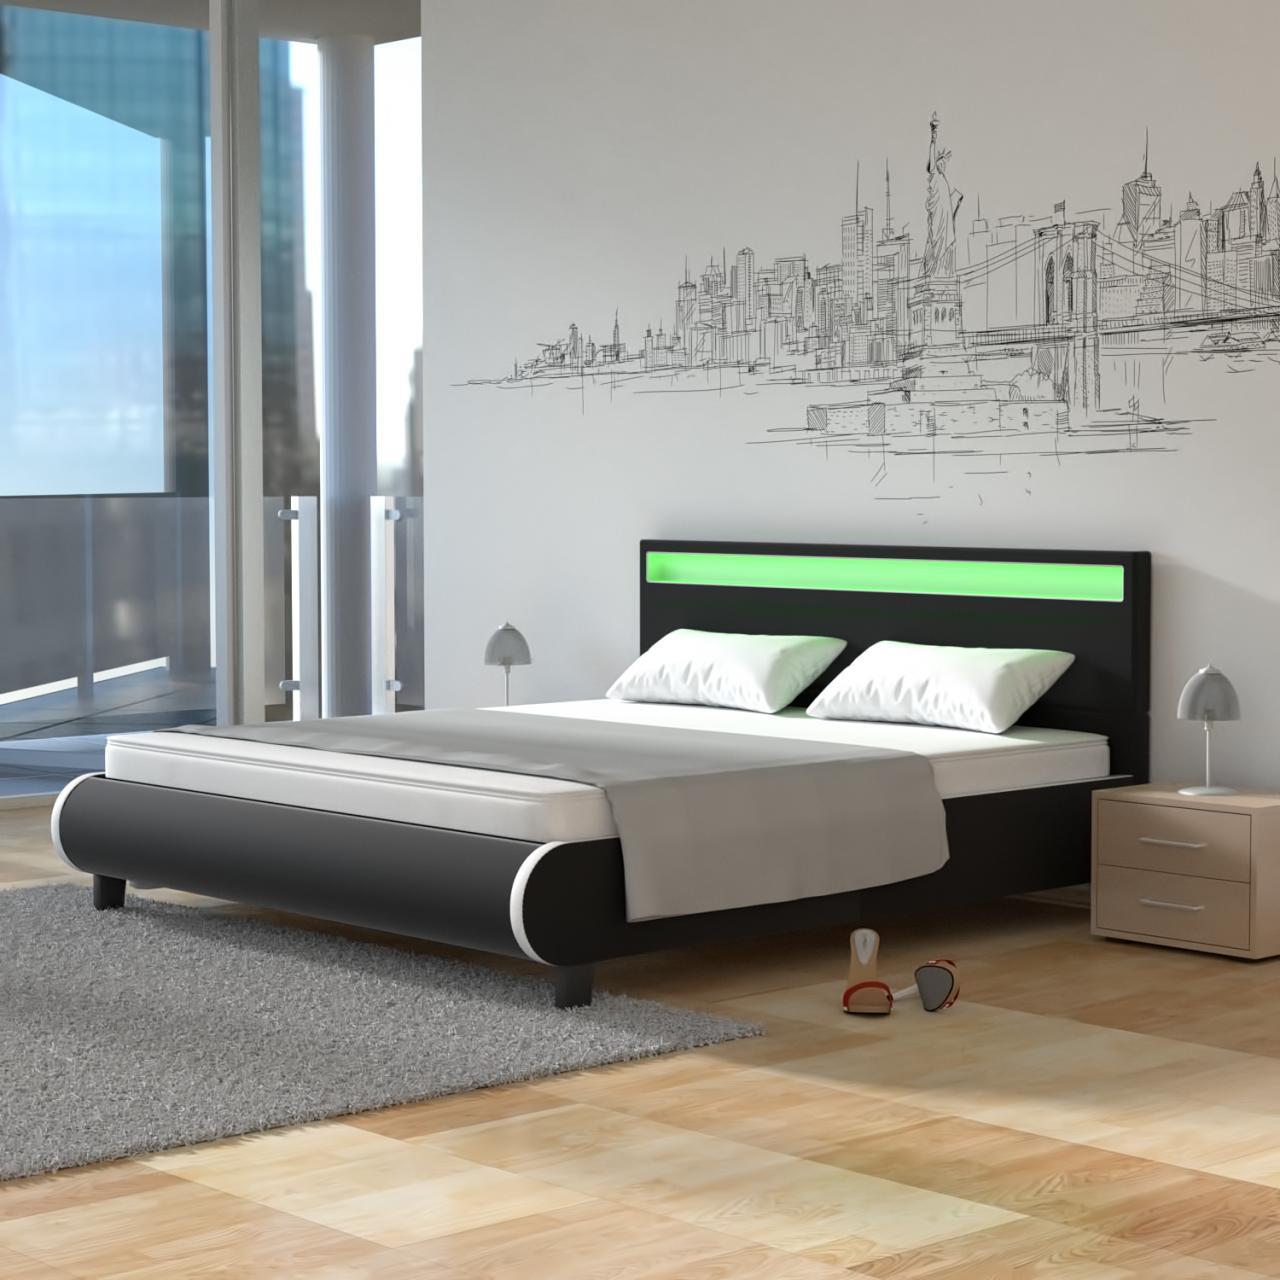 LED Bett PU 140cm Polsterbett Kunstleder Lattenrost Rahmen Polster ...